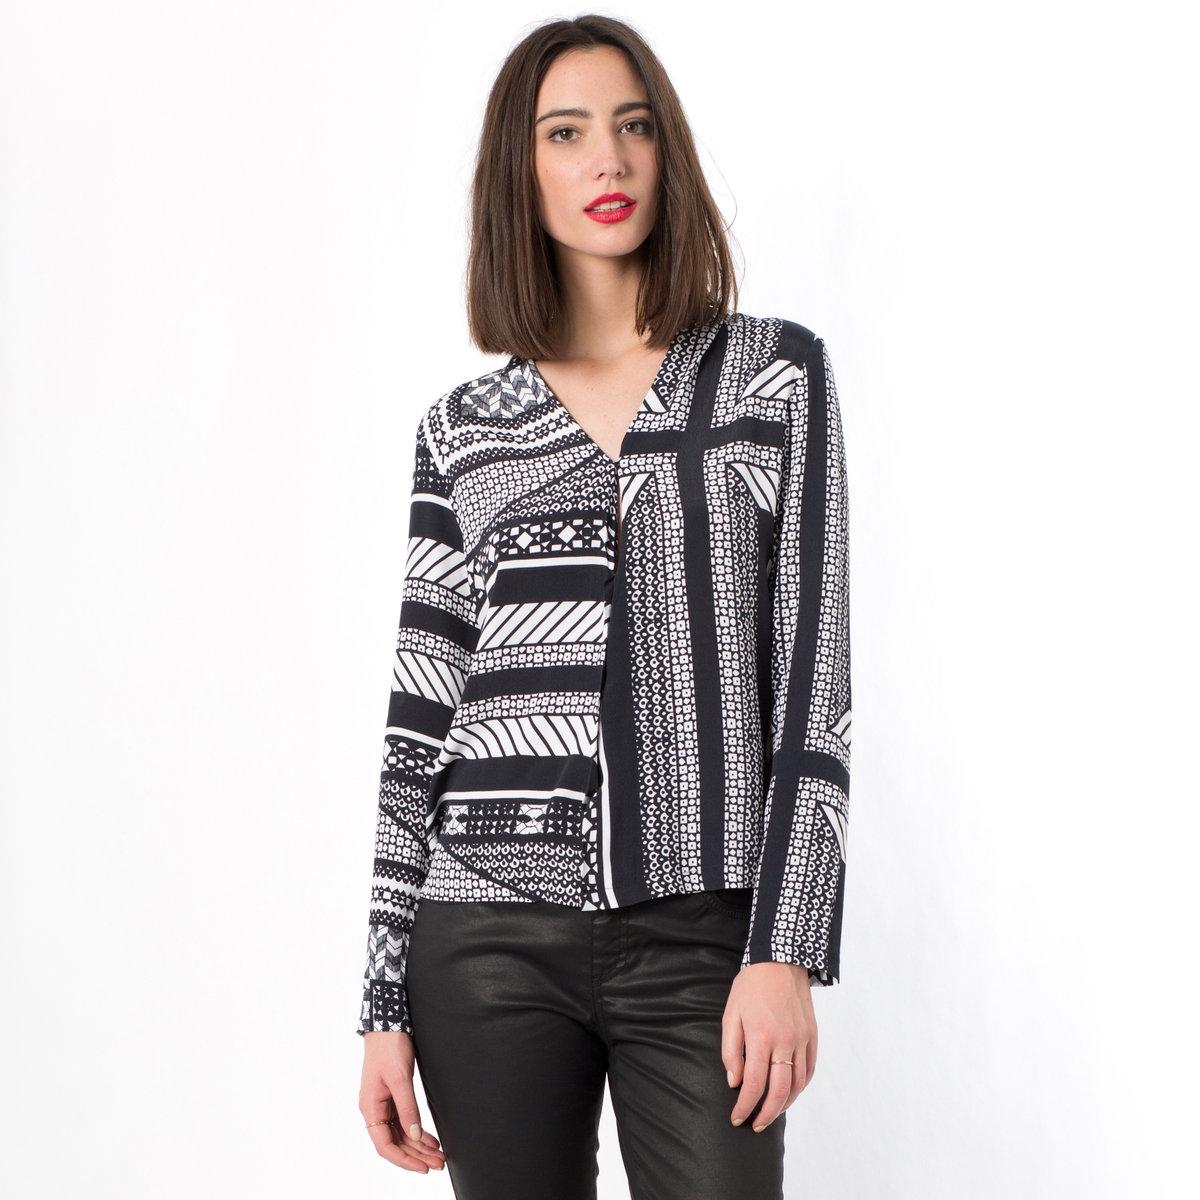 Рубашка с длинными рукавамиРубашка от TWIST&amp;TANGO, 100% вискозы, V-образный вырез. Длинные рукава. Застежка на кнопки. Длина ок.65 см.<br><br>Цвет: черный/ белый<br>Размер: 40 (FR) - 46 (RUS)